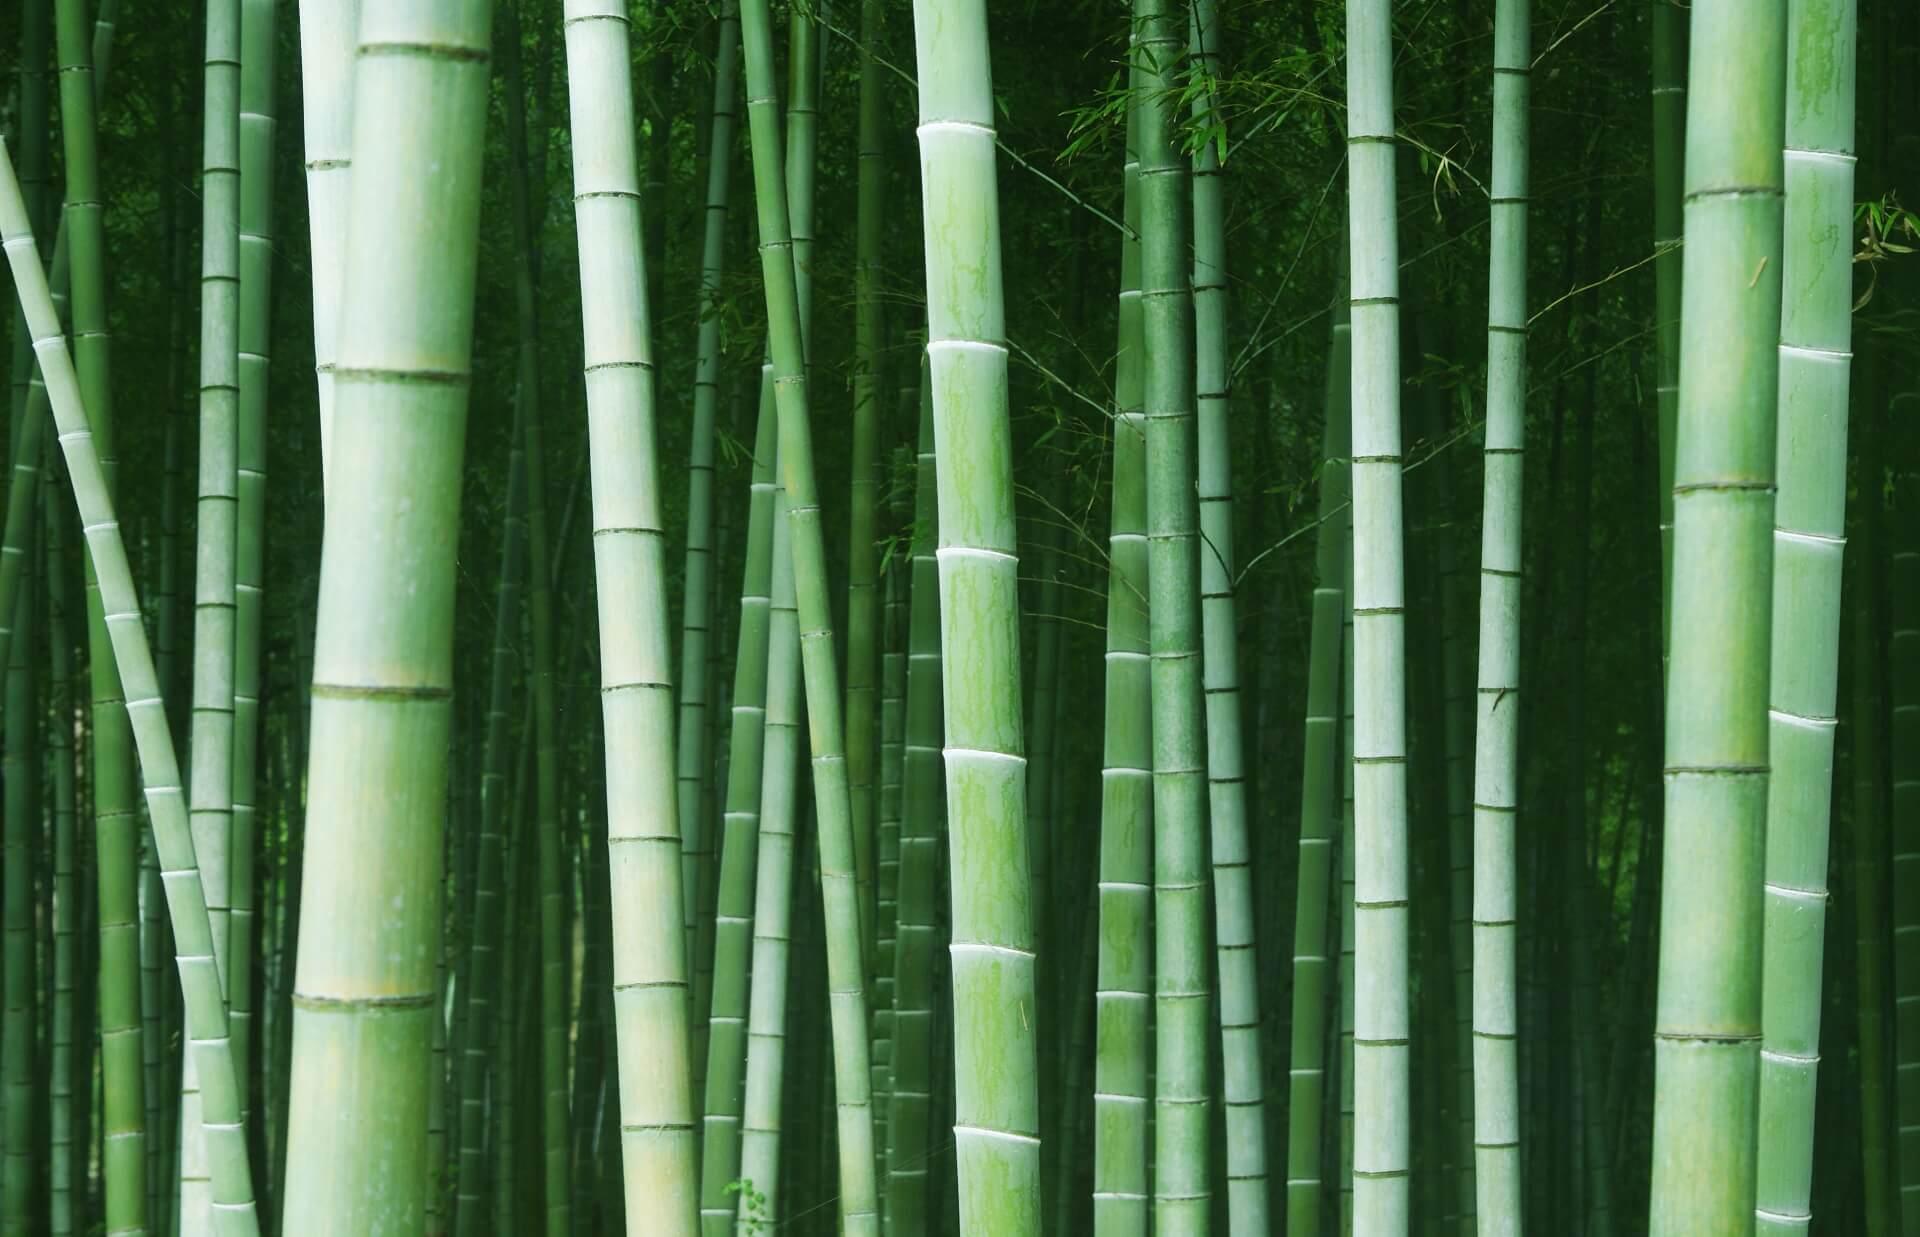 ねずこ なぜ竹